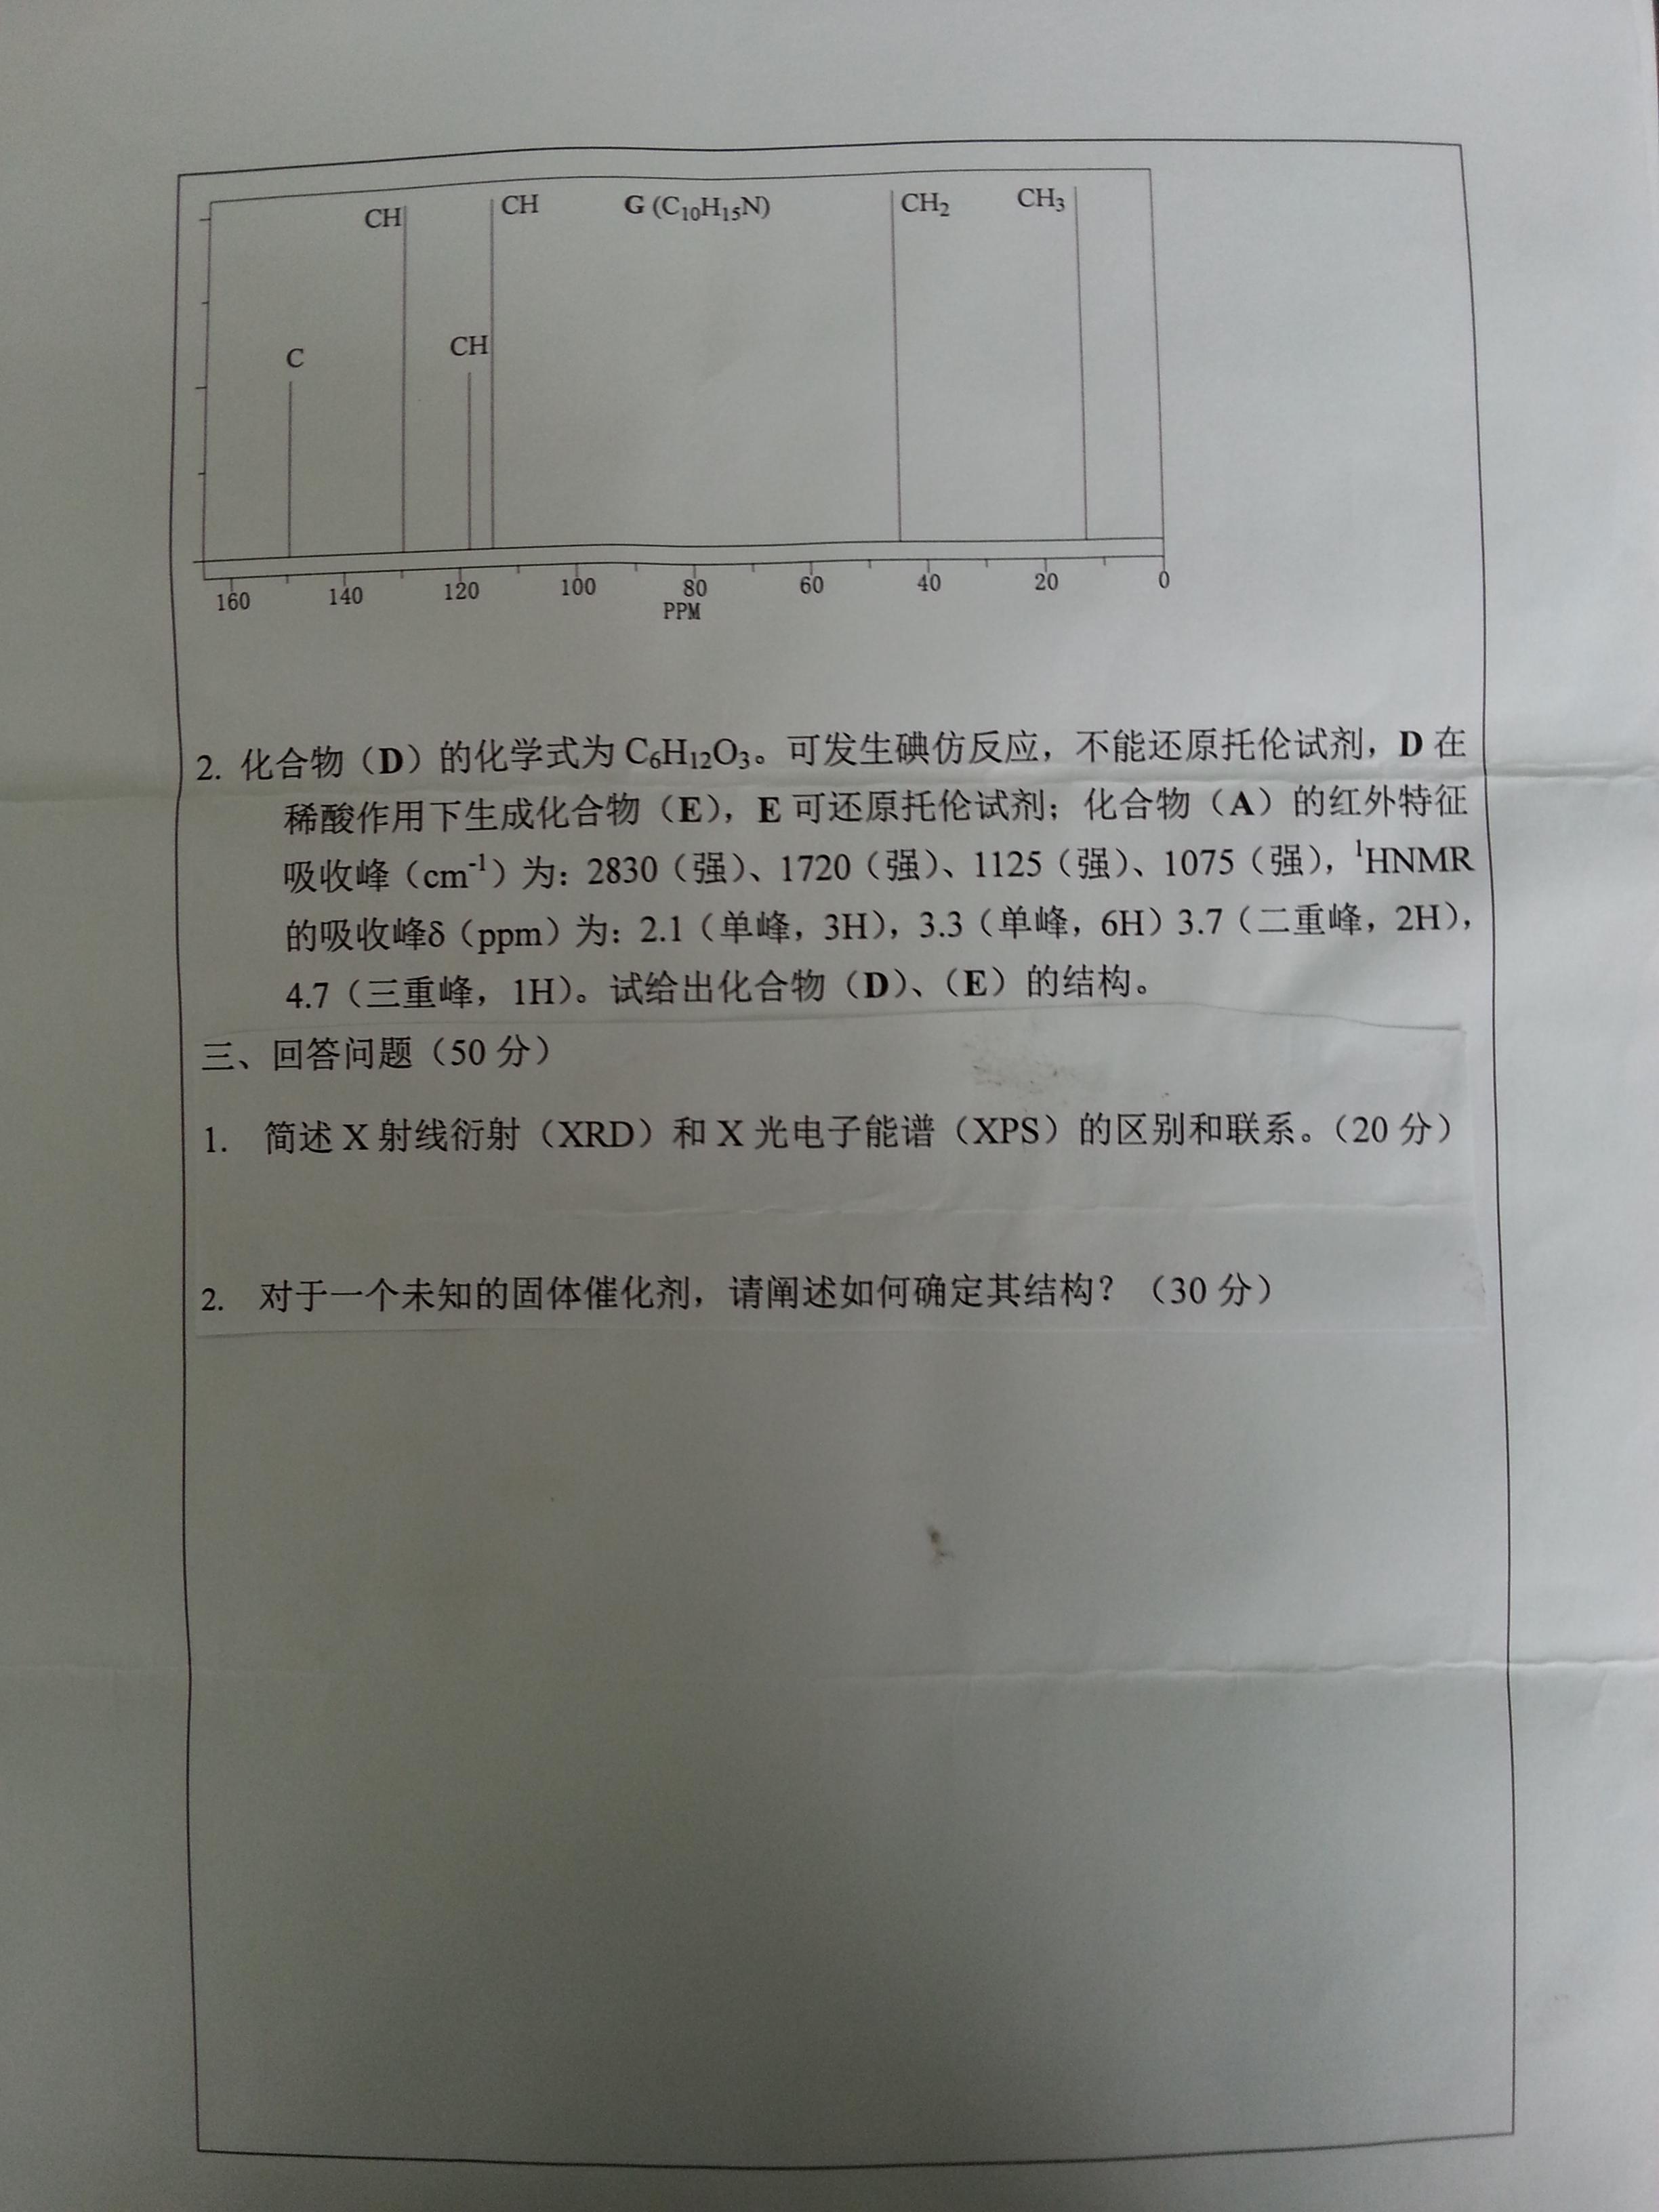 考博真题_河北大学考博真题_仪器分析学考博真题下载